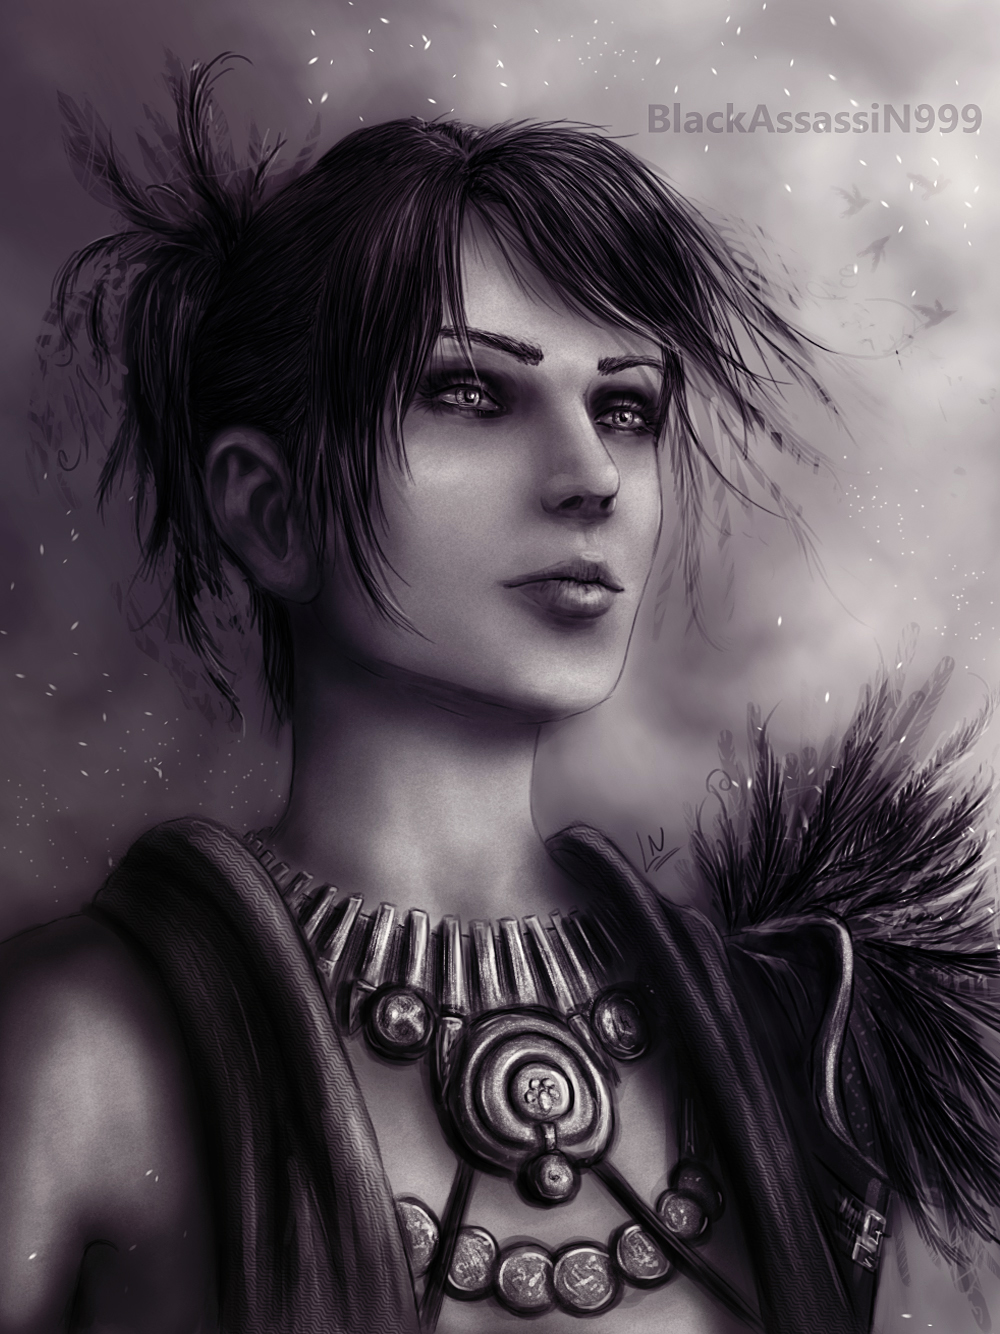 Morrigan by BlackAssassiN999